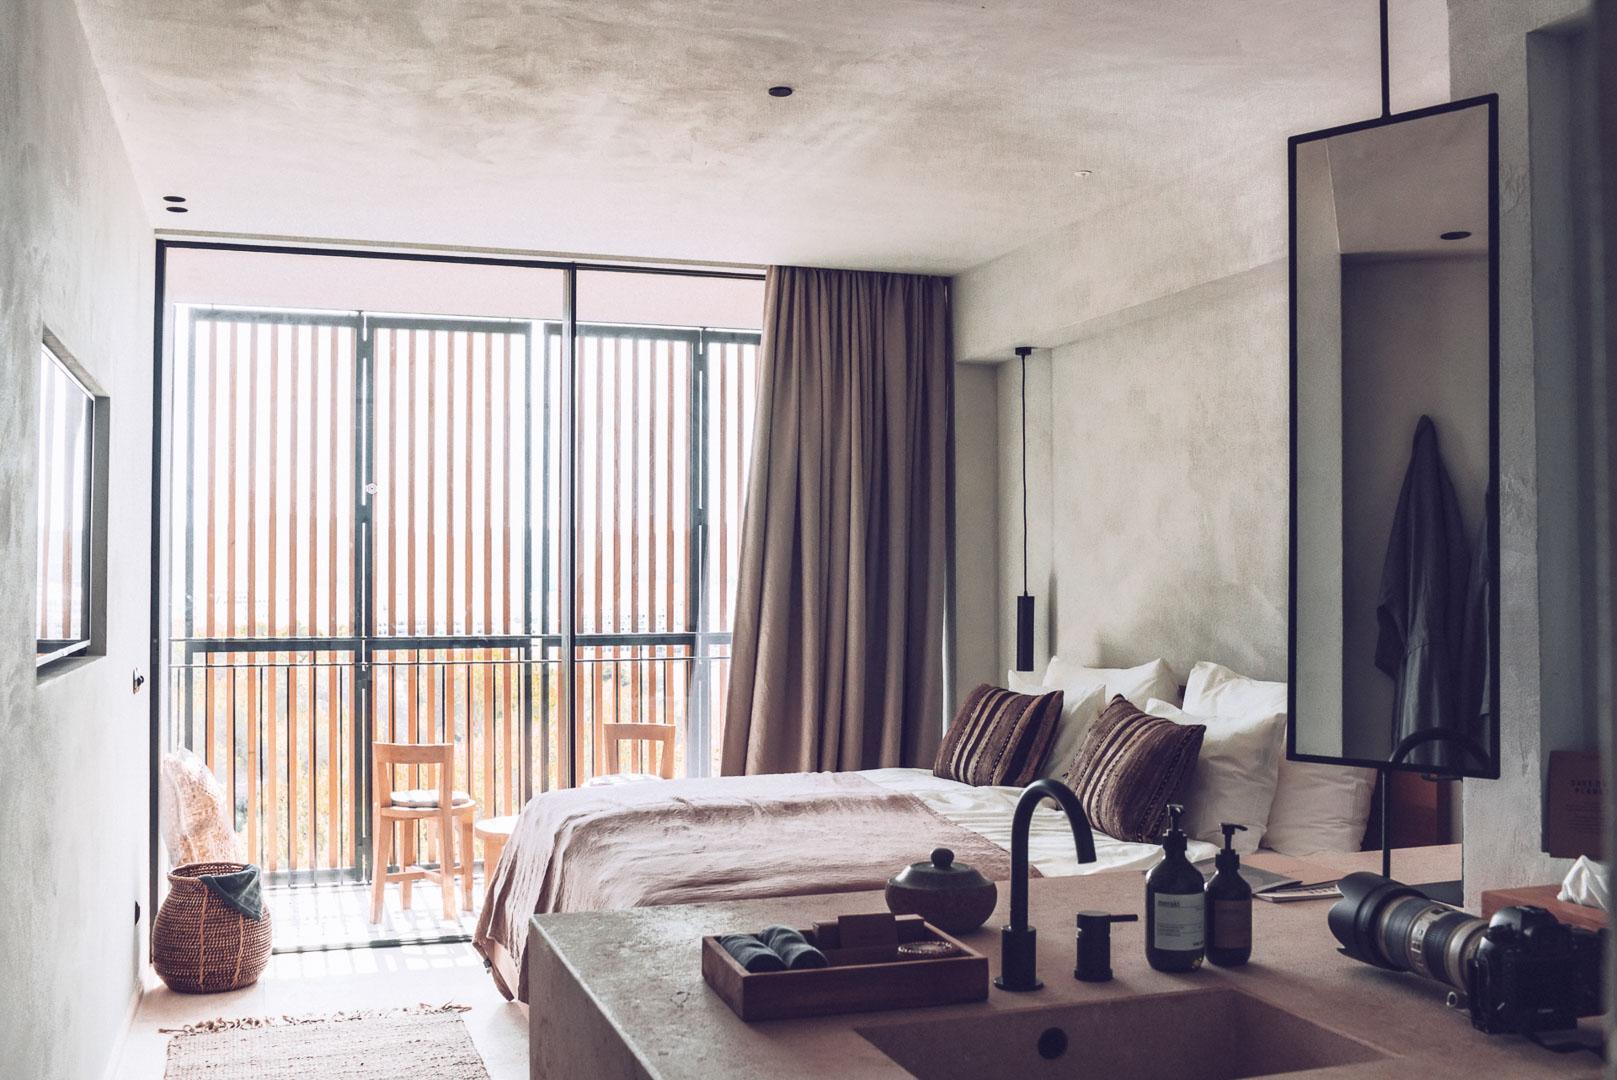 Fotografía arquitectura real estate del interior de un dormitorio del hotel Casa Cook Ibiza en islas baleares